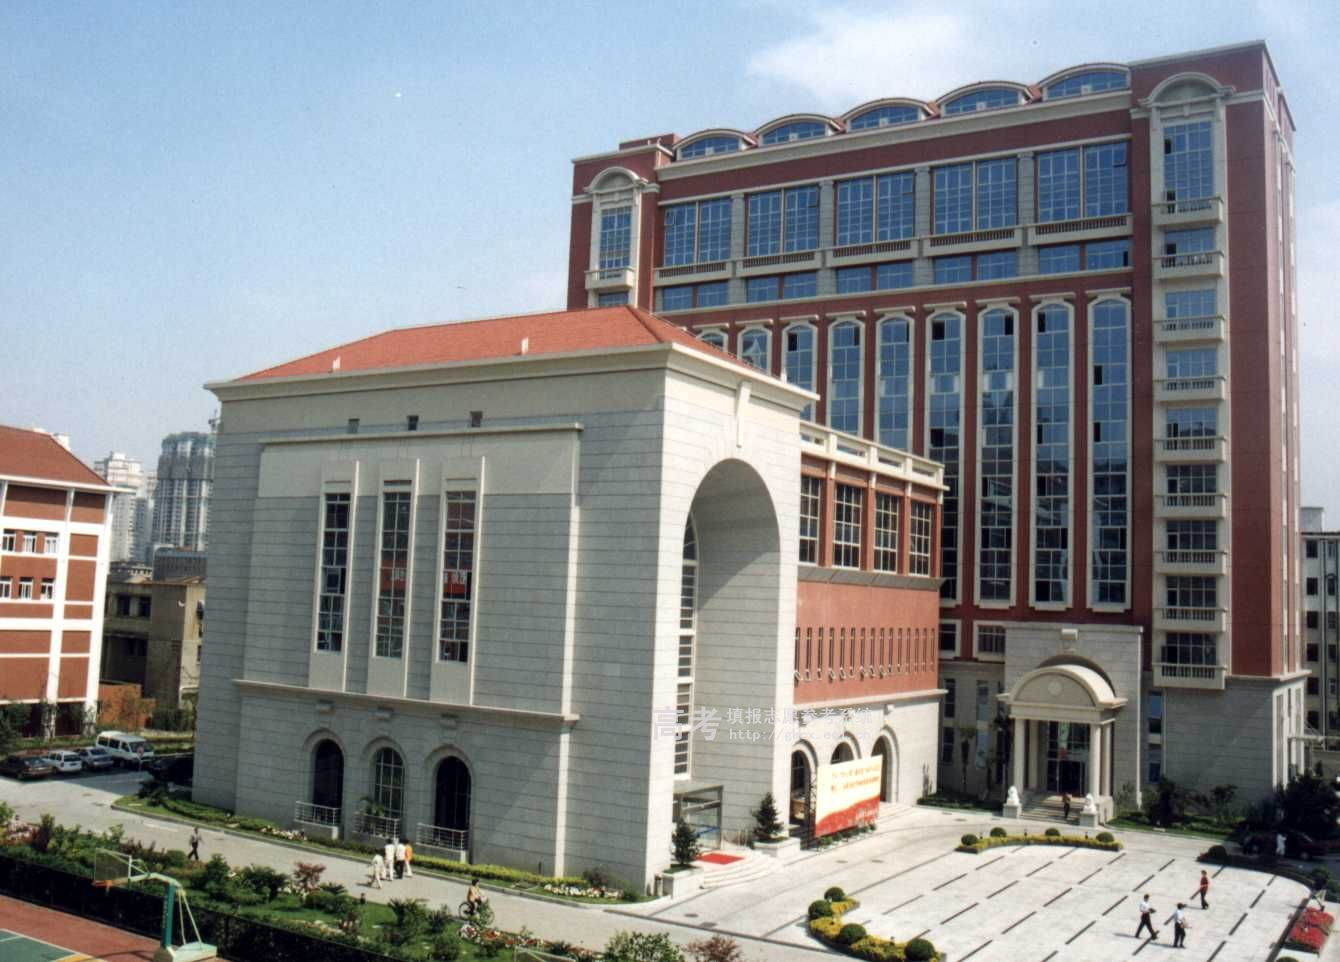 上海交大校园图片_上海交通大学医学院校园一角_校园相册_上海交通大学医学院